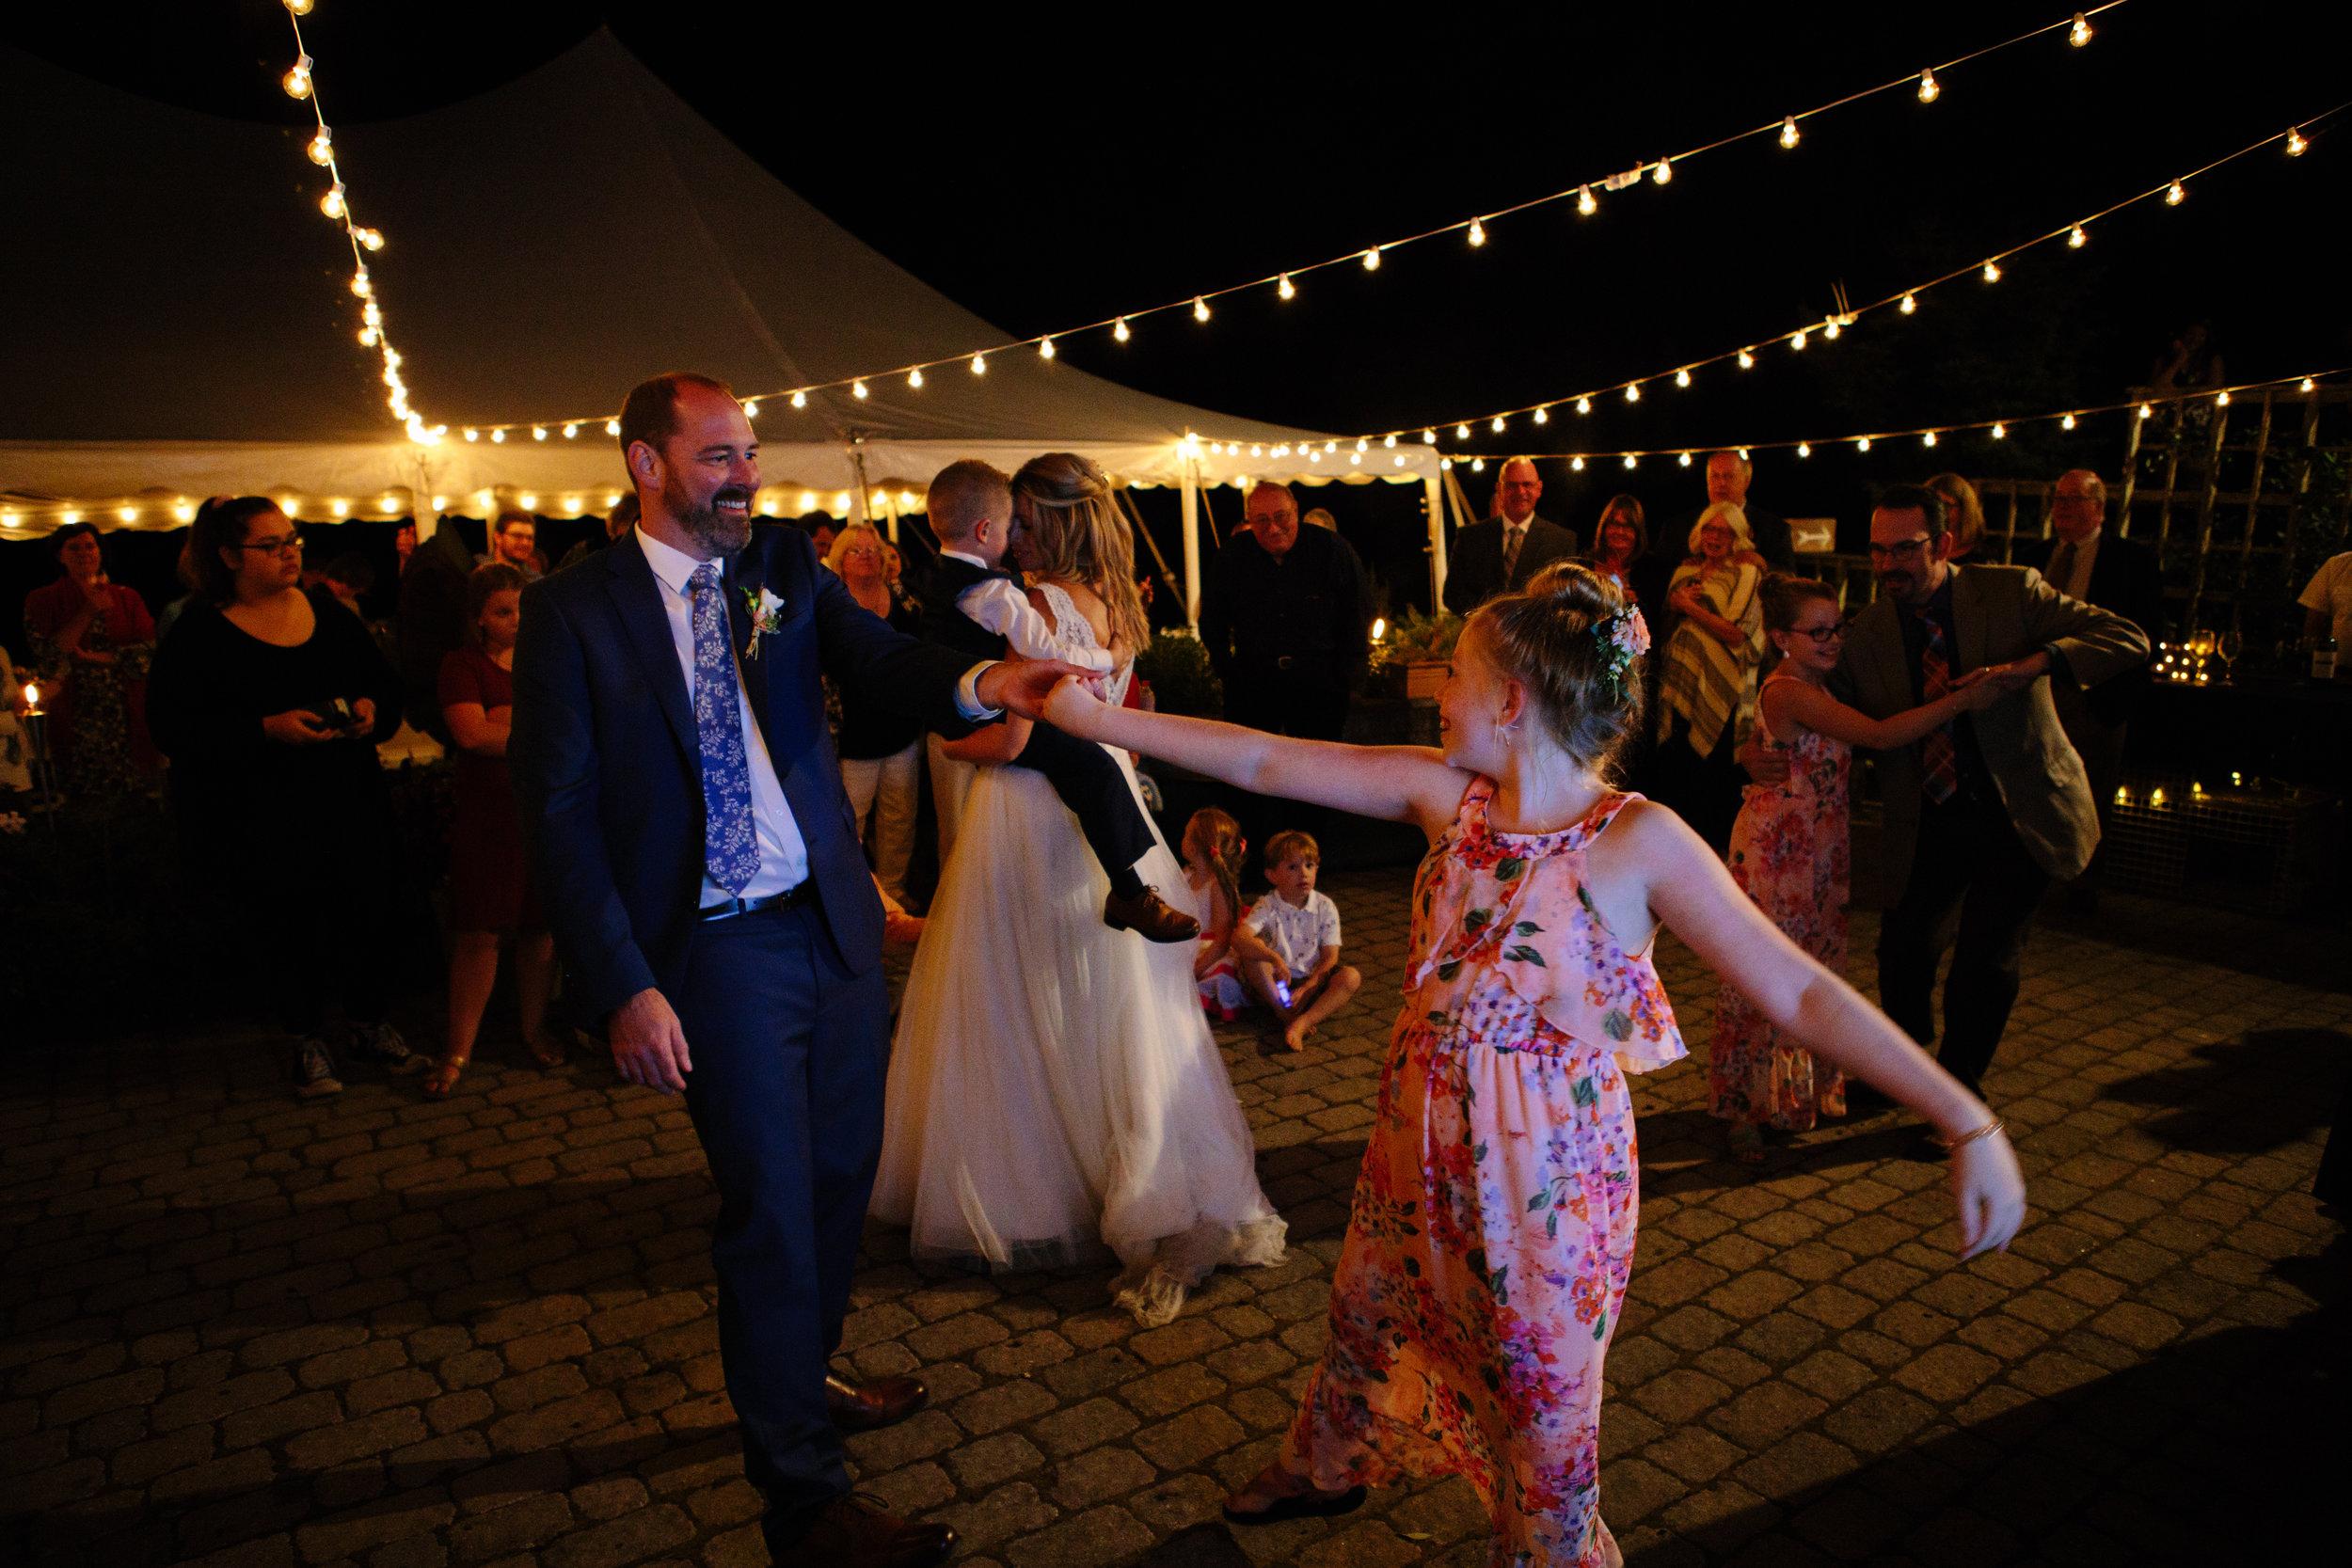 leslie-swan-photography-maine-wedding-georgetown-20.jpg